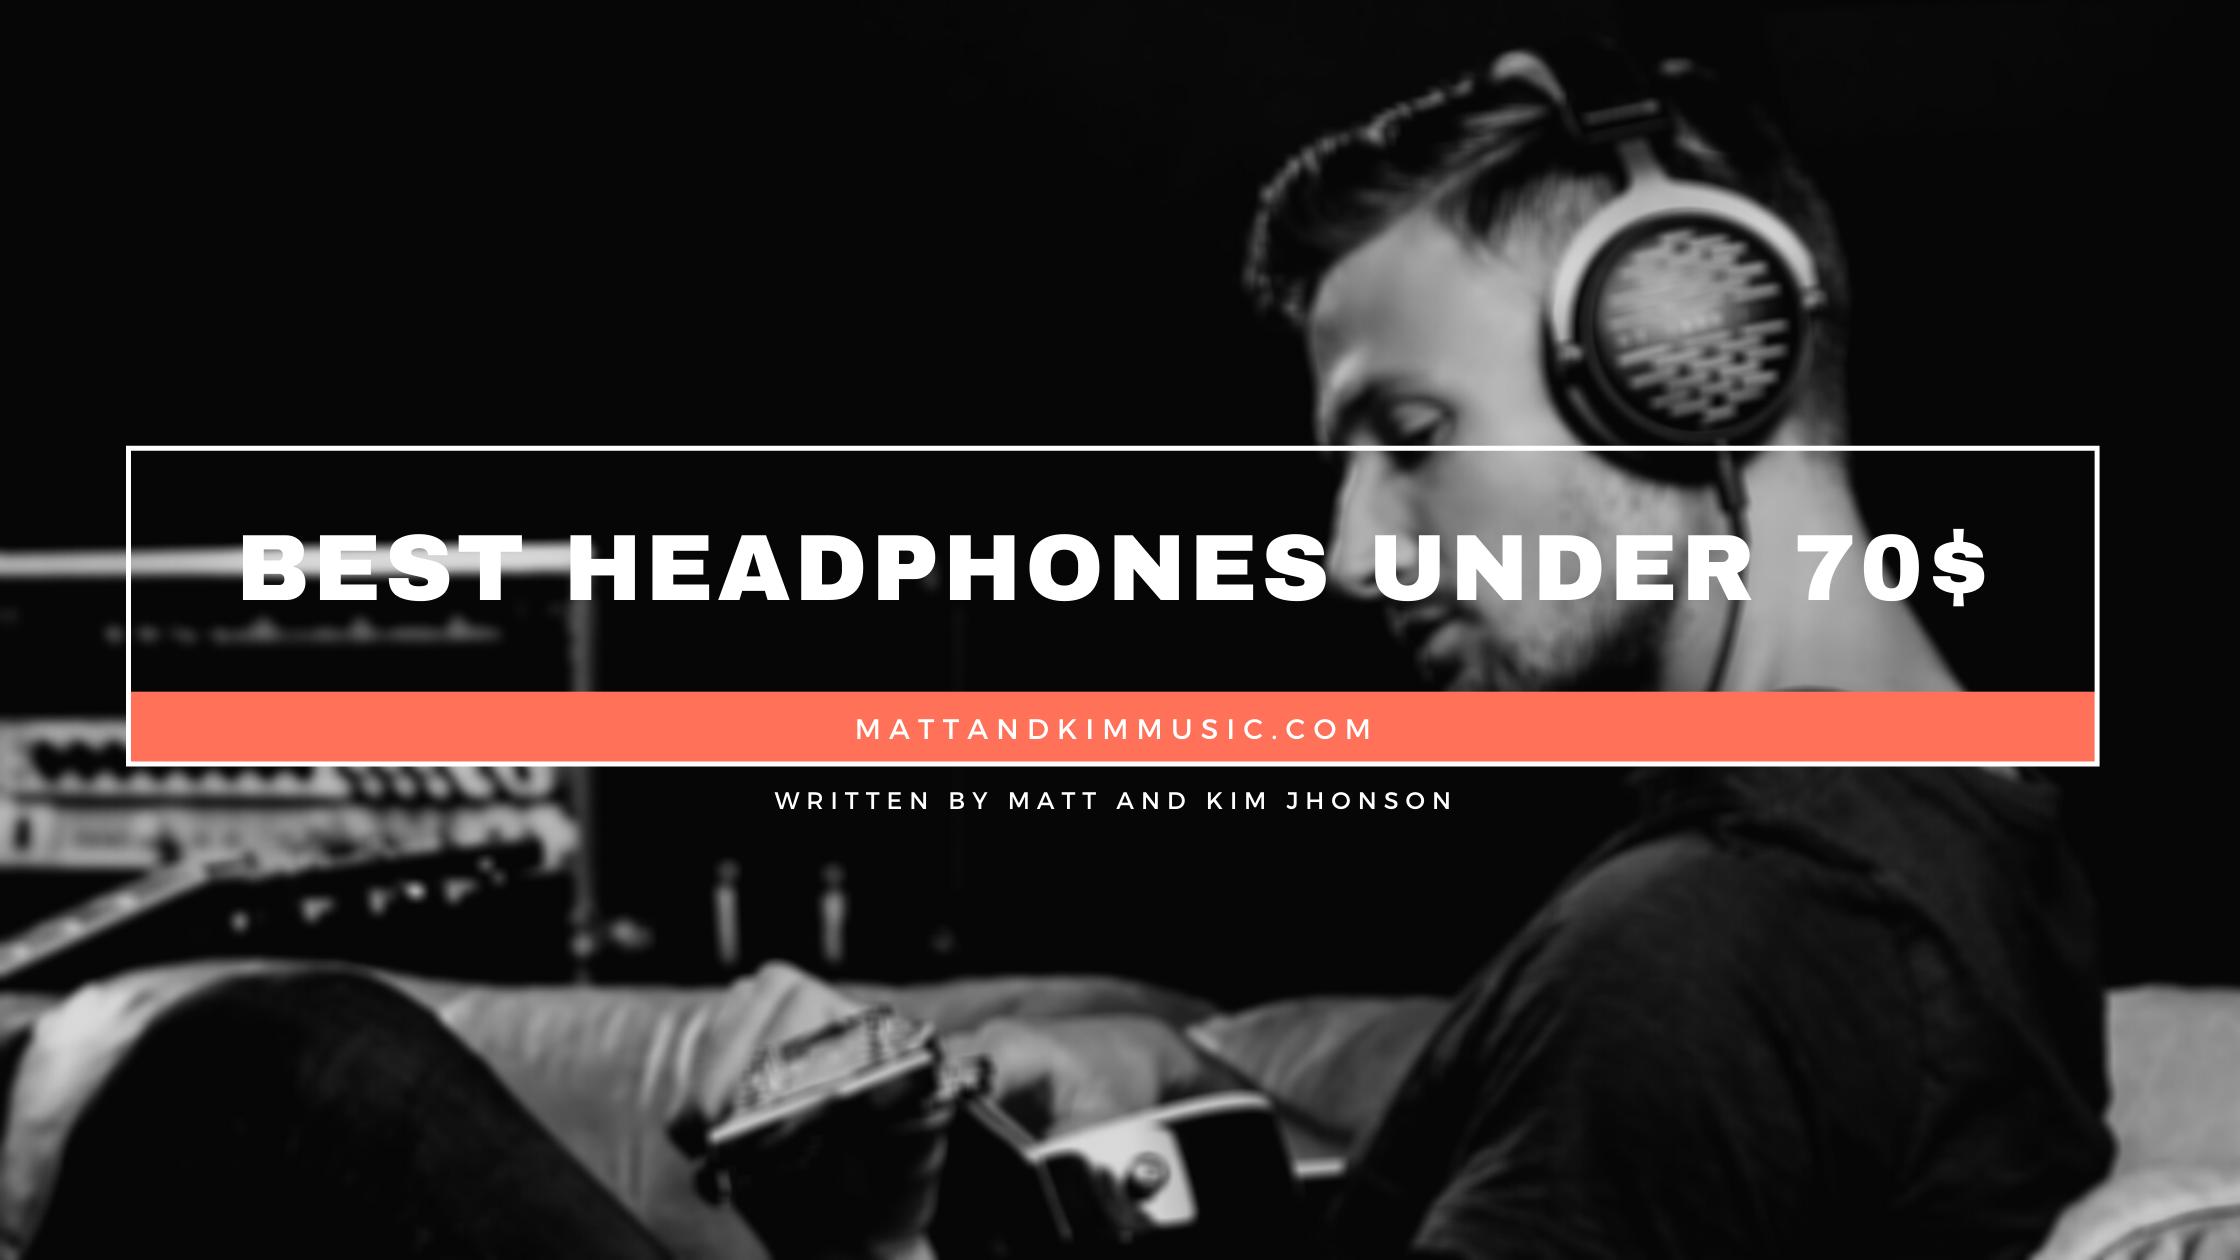 best headphones under 70